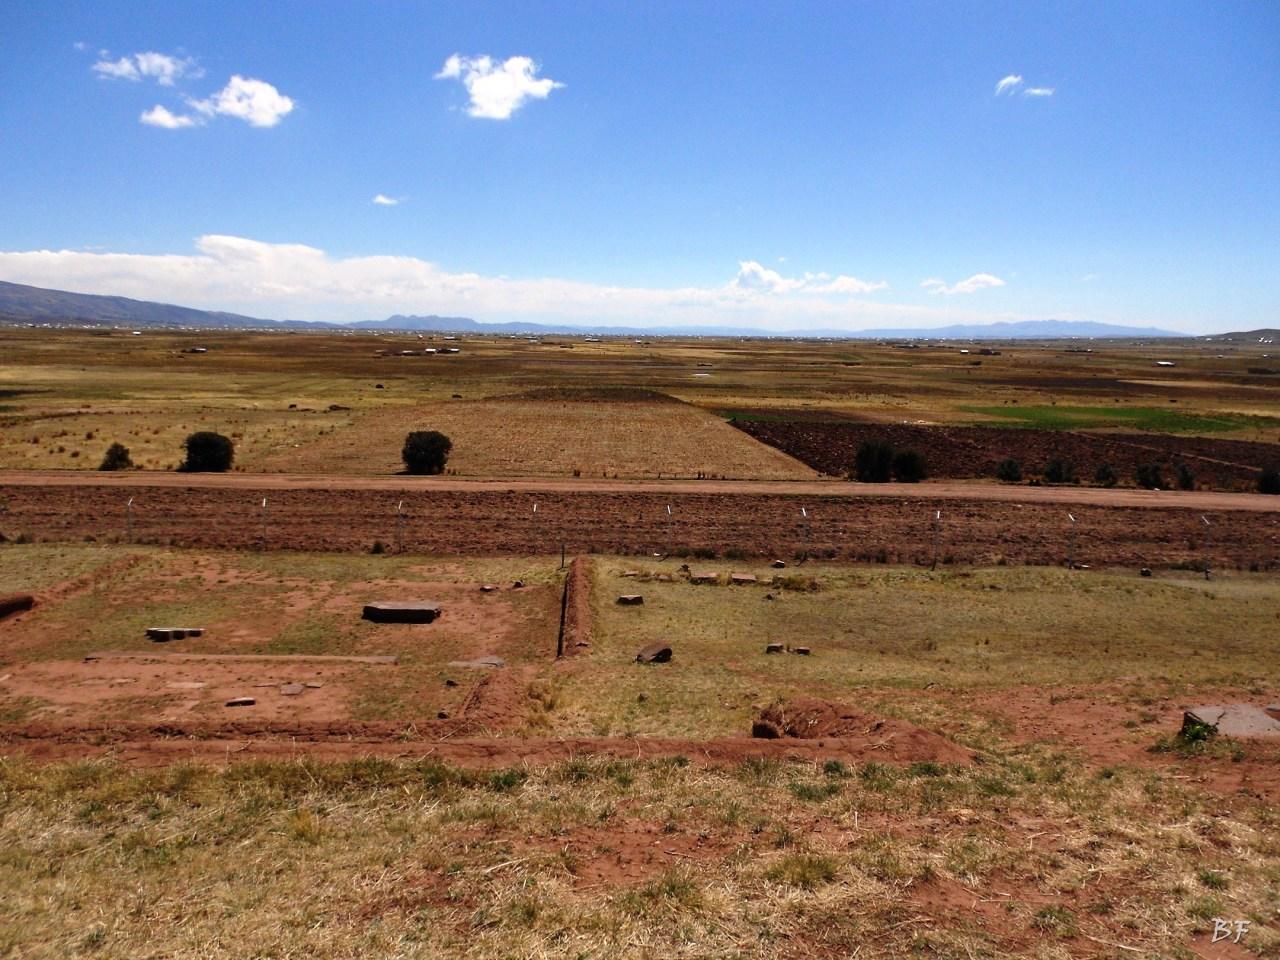 Puma-Punku-Area-Megalitica-Mura-Poligonali-Megaliti-Tiwanaku-Tiahuanaco-Bolivia-19